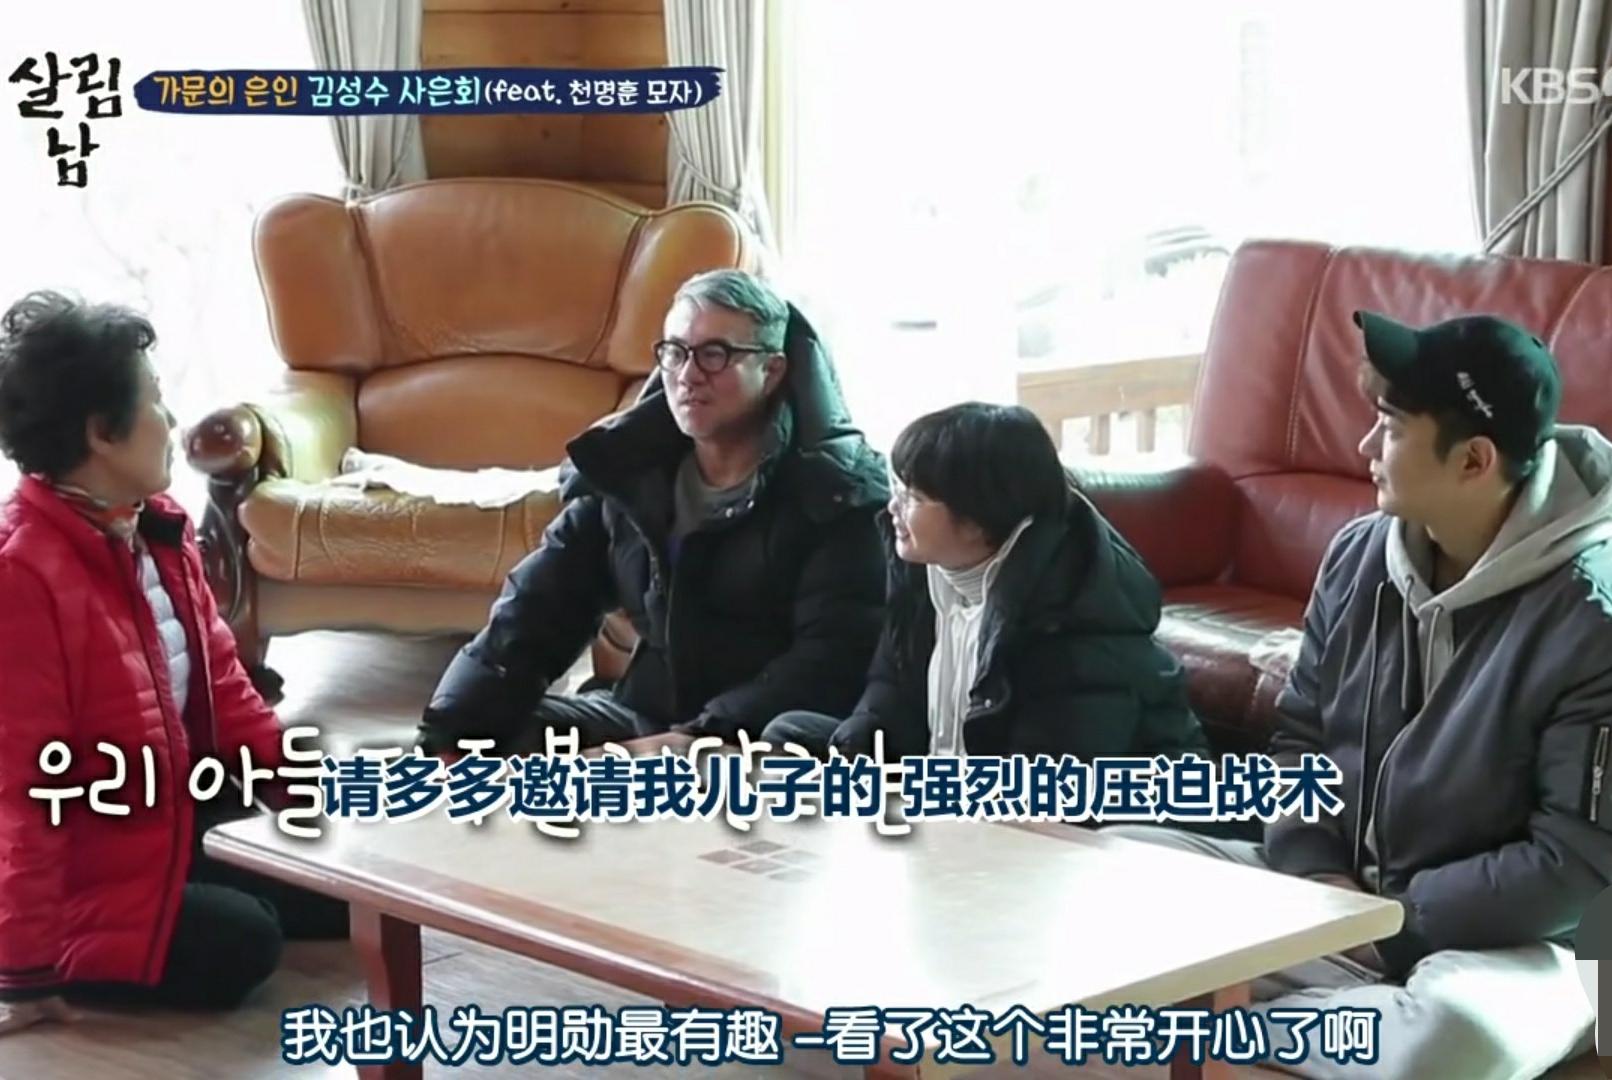 韩国男星千明勋想再次复出,妈妈跪求朋友帮忙,让儿子多上节目!